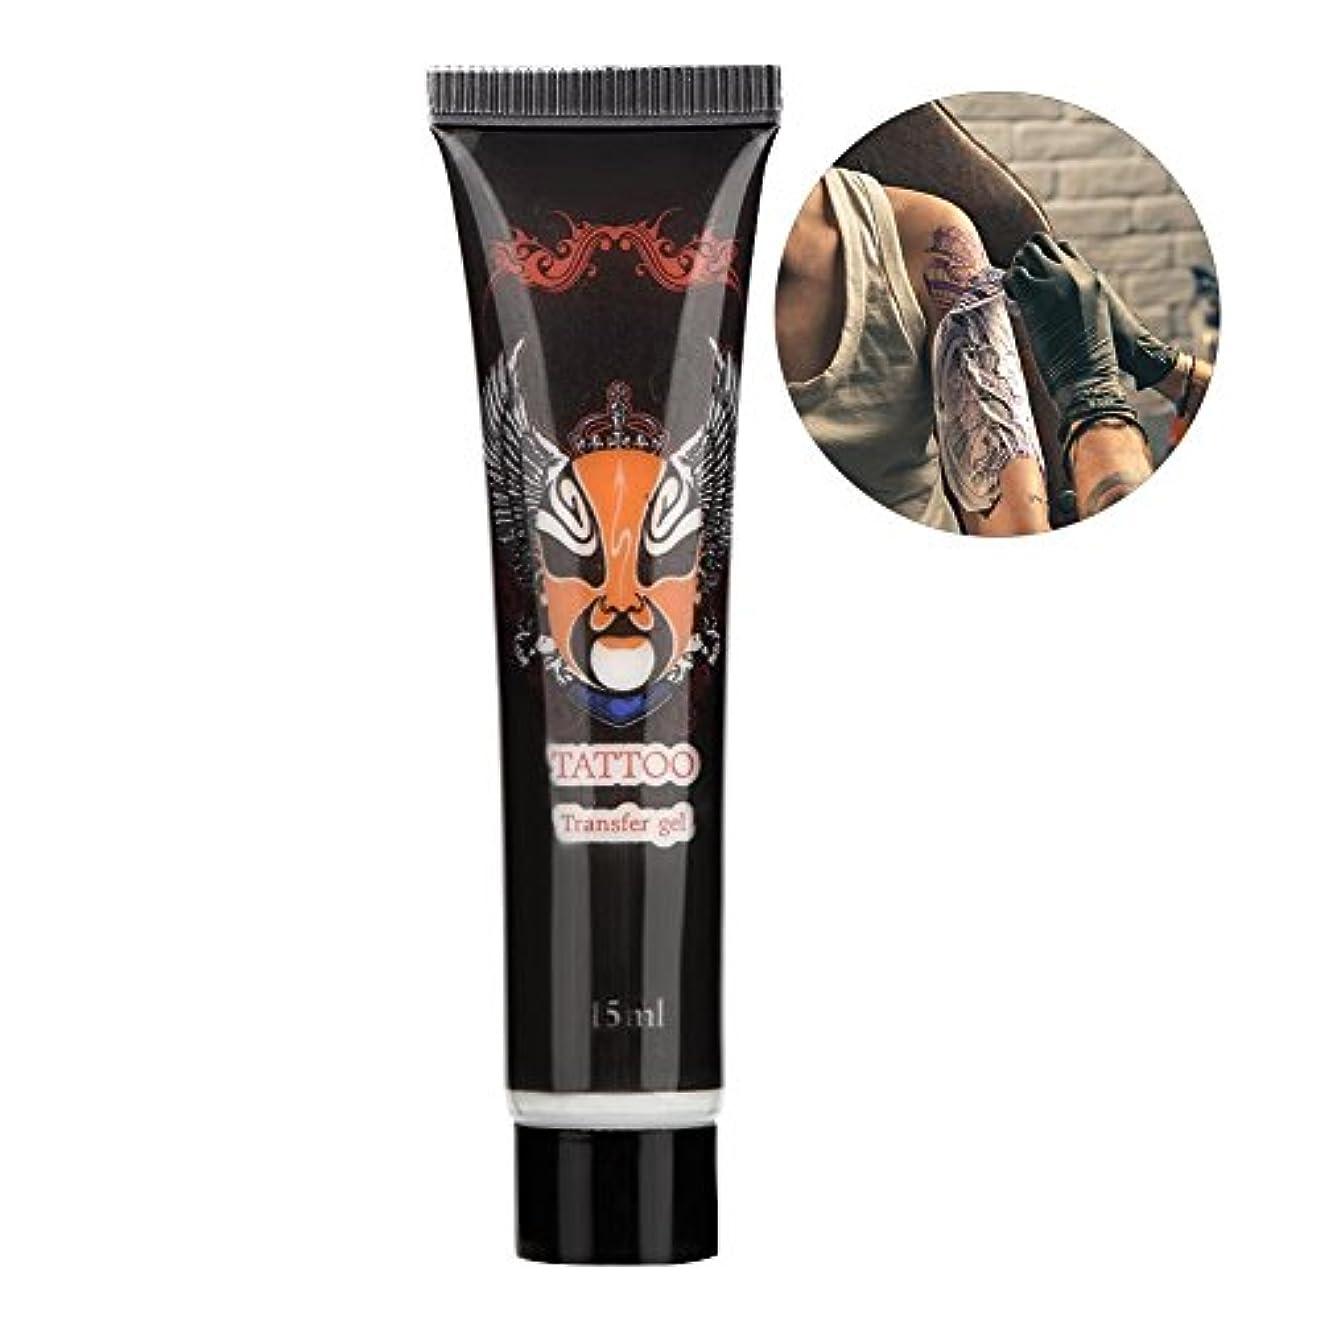 根絶するバンジョーつらいZJchao タトゥー除去クリーム、専門クリーニングタトゥー無痛素早い洗浄ボディーアートアクセサリータトゥーアクセサリー(15ミリリットル)